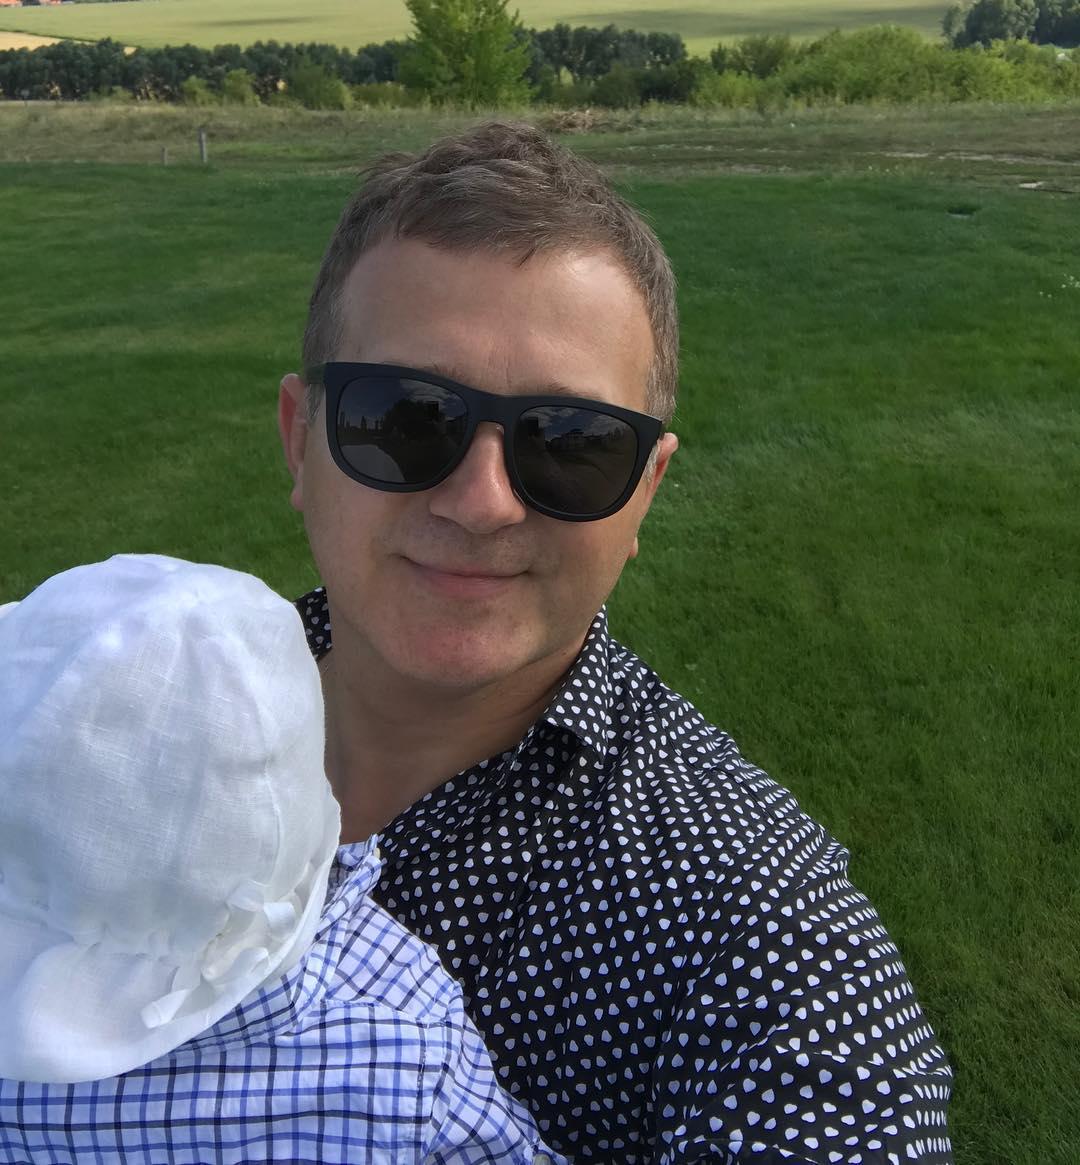 Юрий Горбунов поделился милым фото с сыном